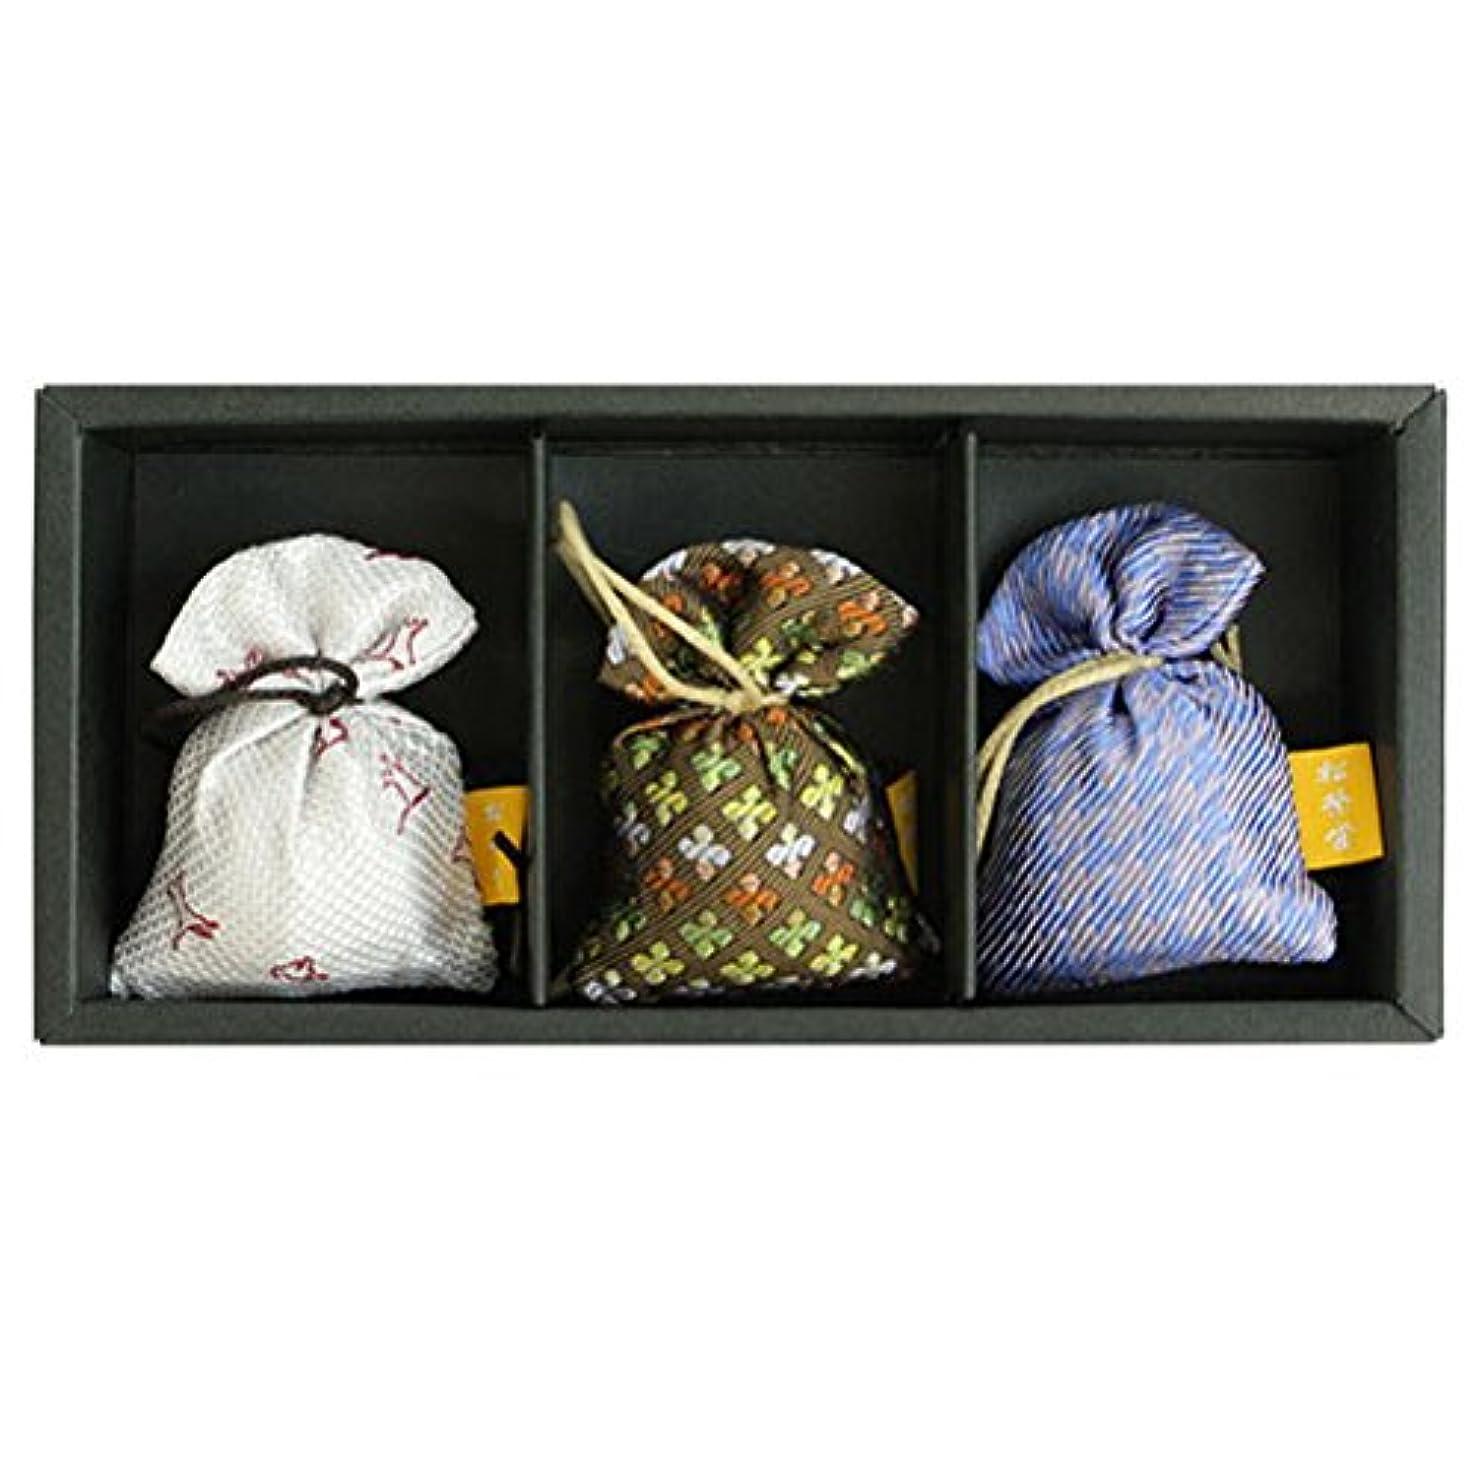 無関心疲れた予防接種匂い袋 誰が袖 薫 かおる 3個入 松栄堂 Shoyeido 本体長さ60mm (色?柄は選べません)